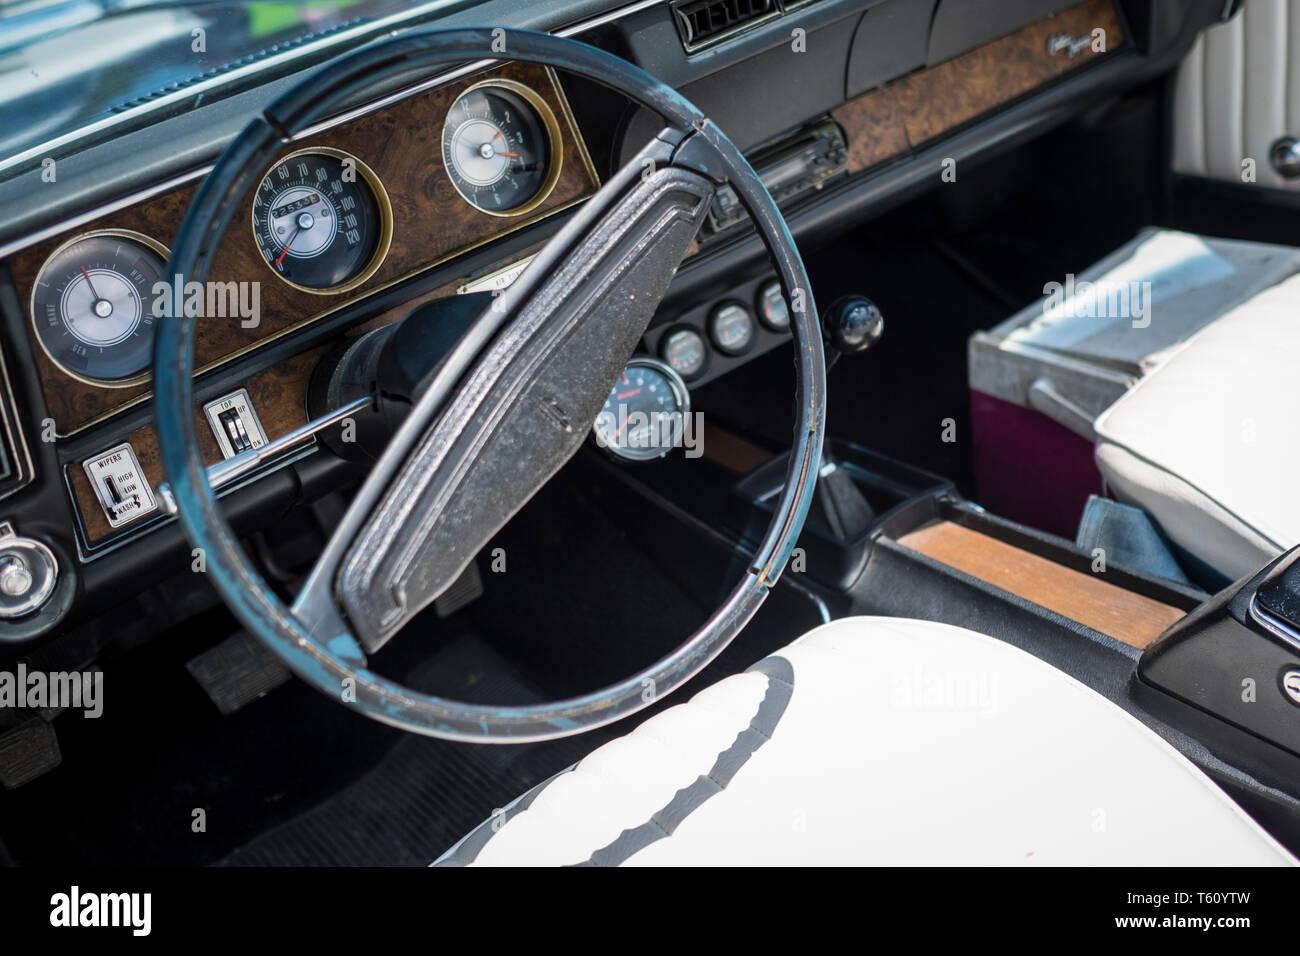 Oldsmobile Cutlass Stock Photos & Oldsmobile Cutlass Stock